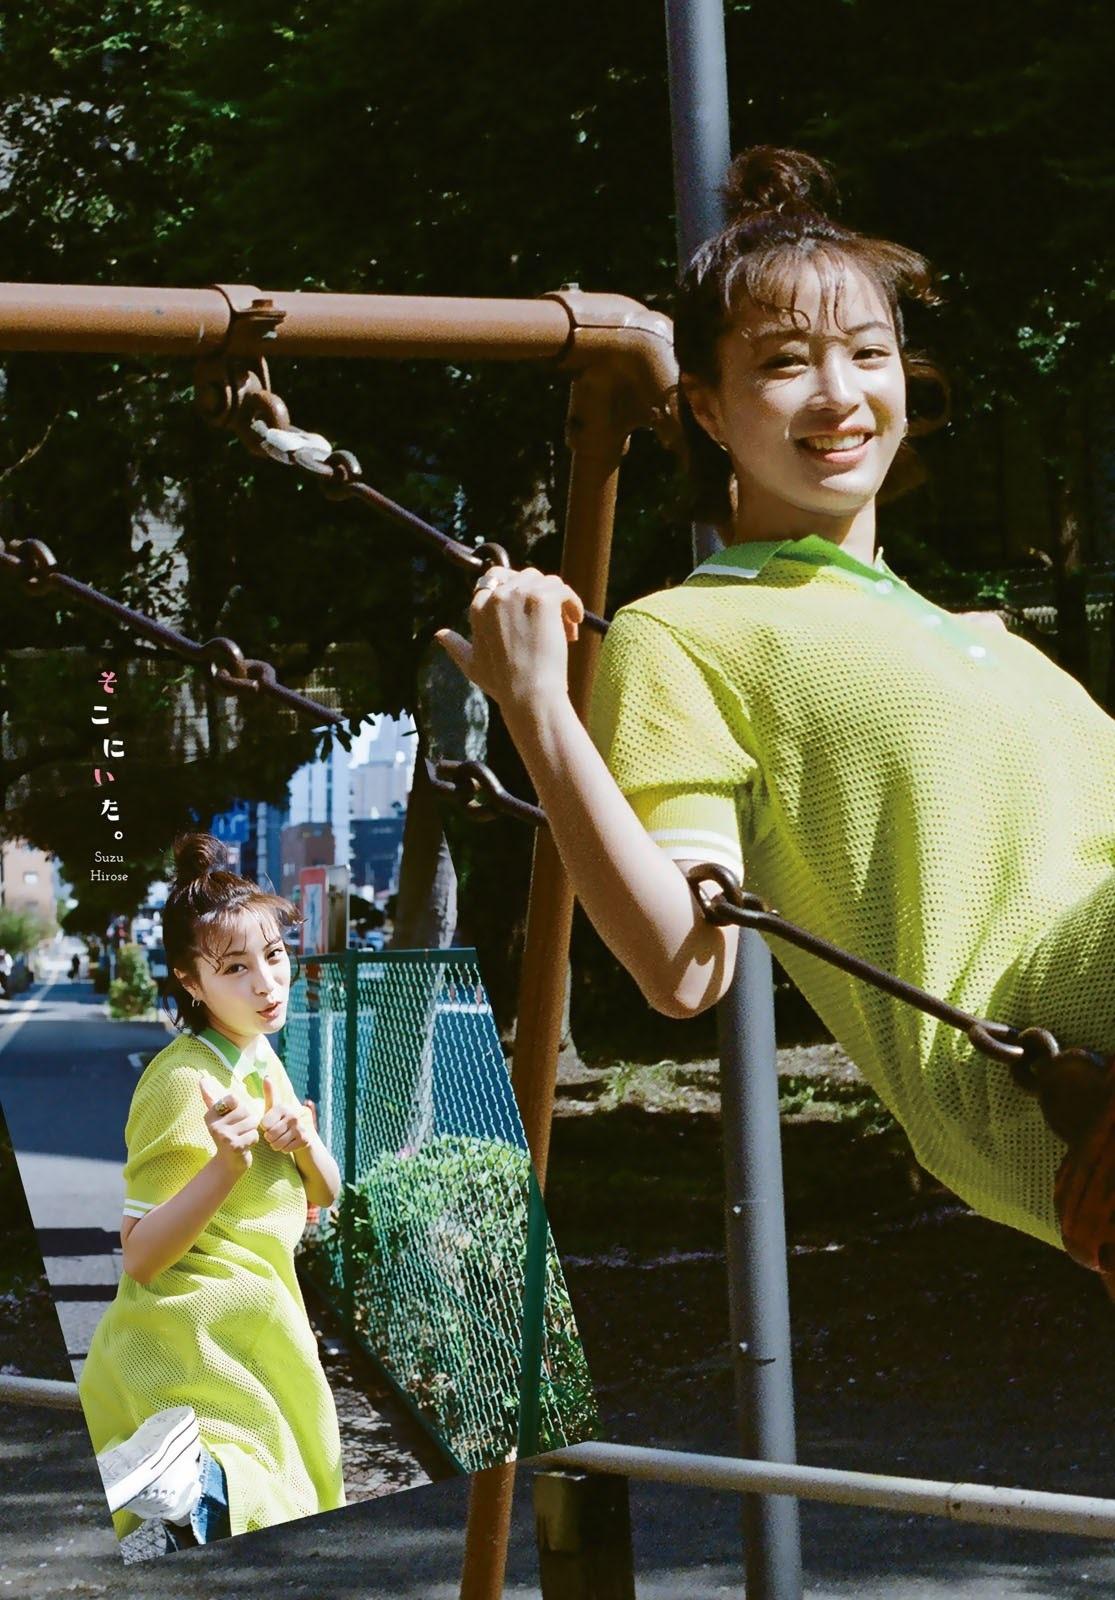 少年Magazine 广濑丝丝 广濑铃002-1